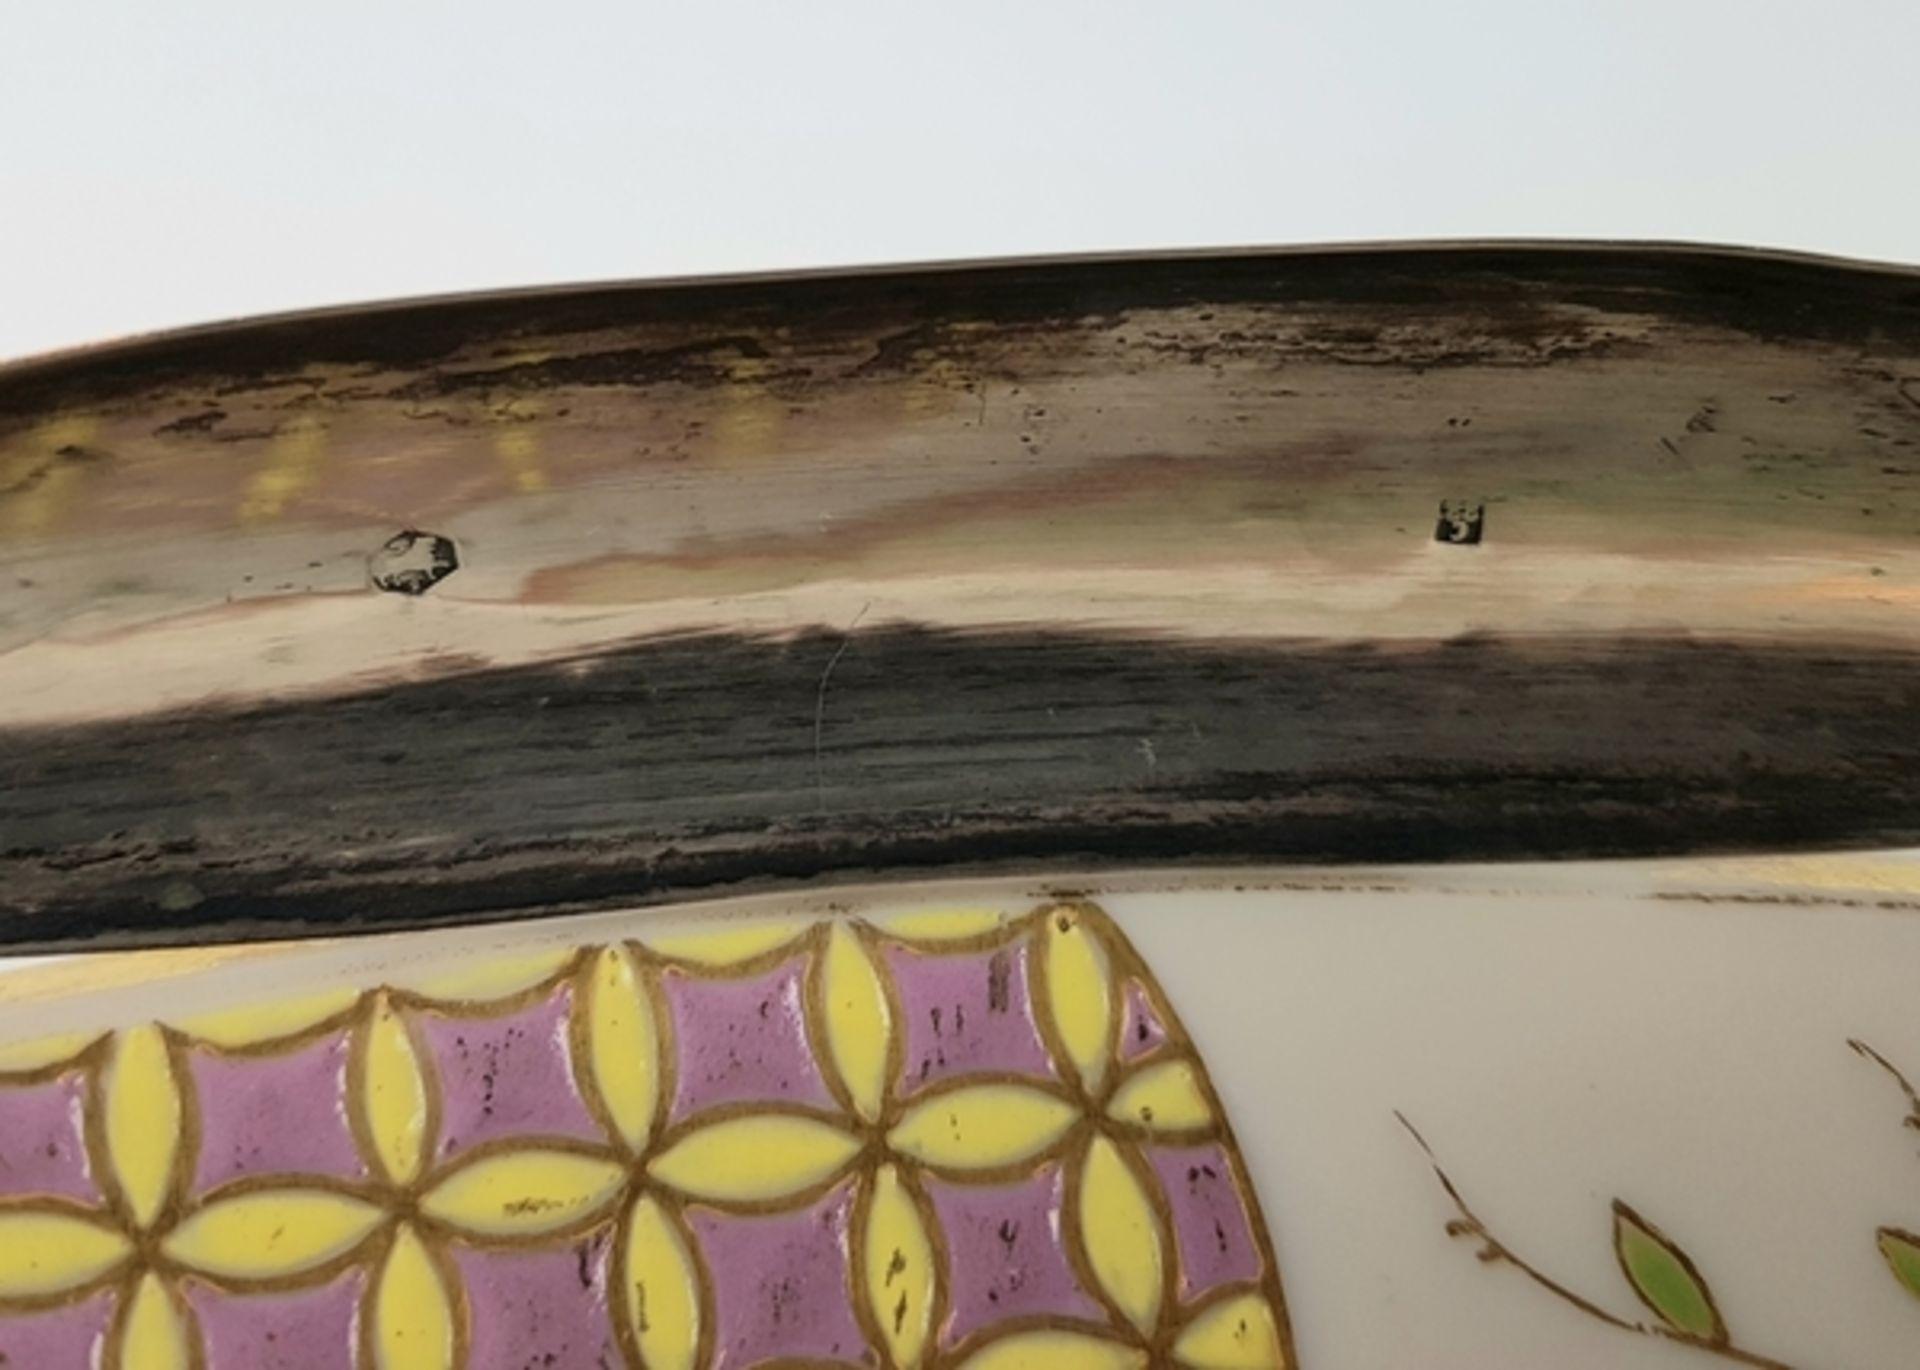 (Antiek) Serveerschaal met zilveren hengselBeschilderde opaline schaal met zilveren hengsel, ci - Image 8 of 8